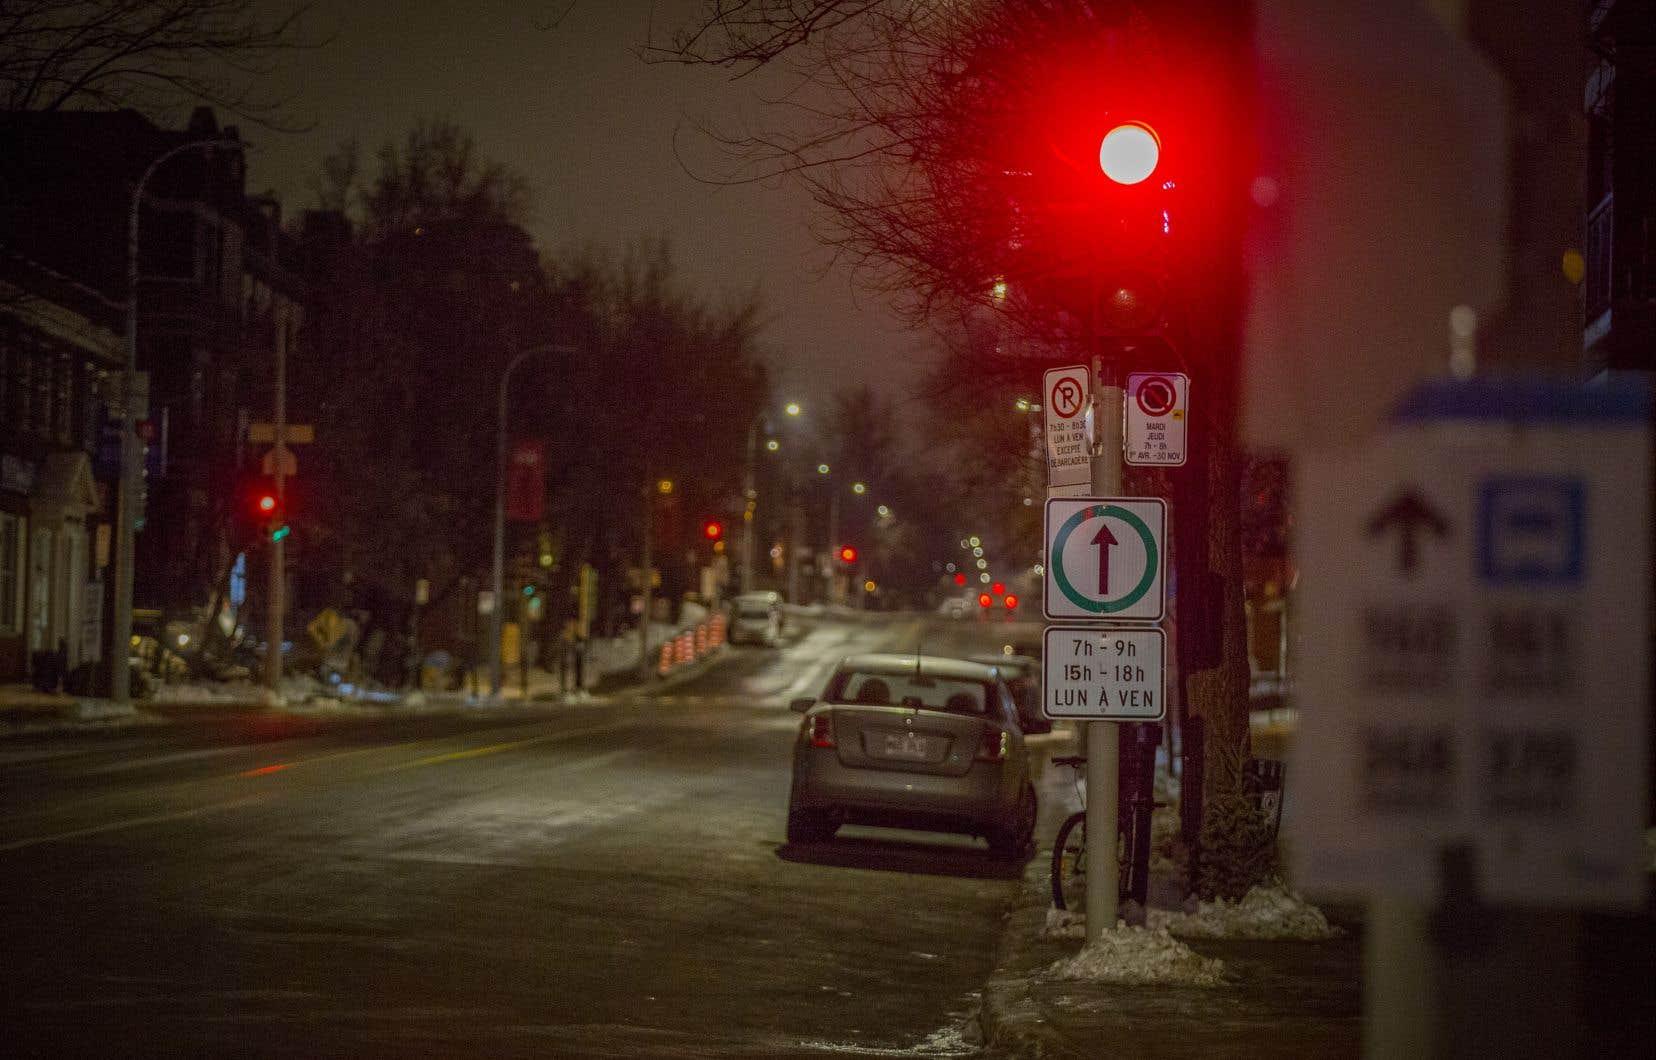 Le BINAM étudie actuellement la possibilité que l'attestation d'identité délivrée par la ville soit reconnue auprès du Service de police de Montréal (SPVM) comme pièce d'identité officielle afin de limiter les facteurs de vulnérabilité des personnes à statut précaire.